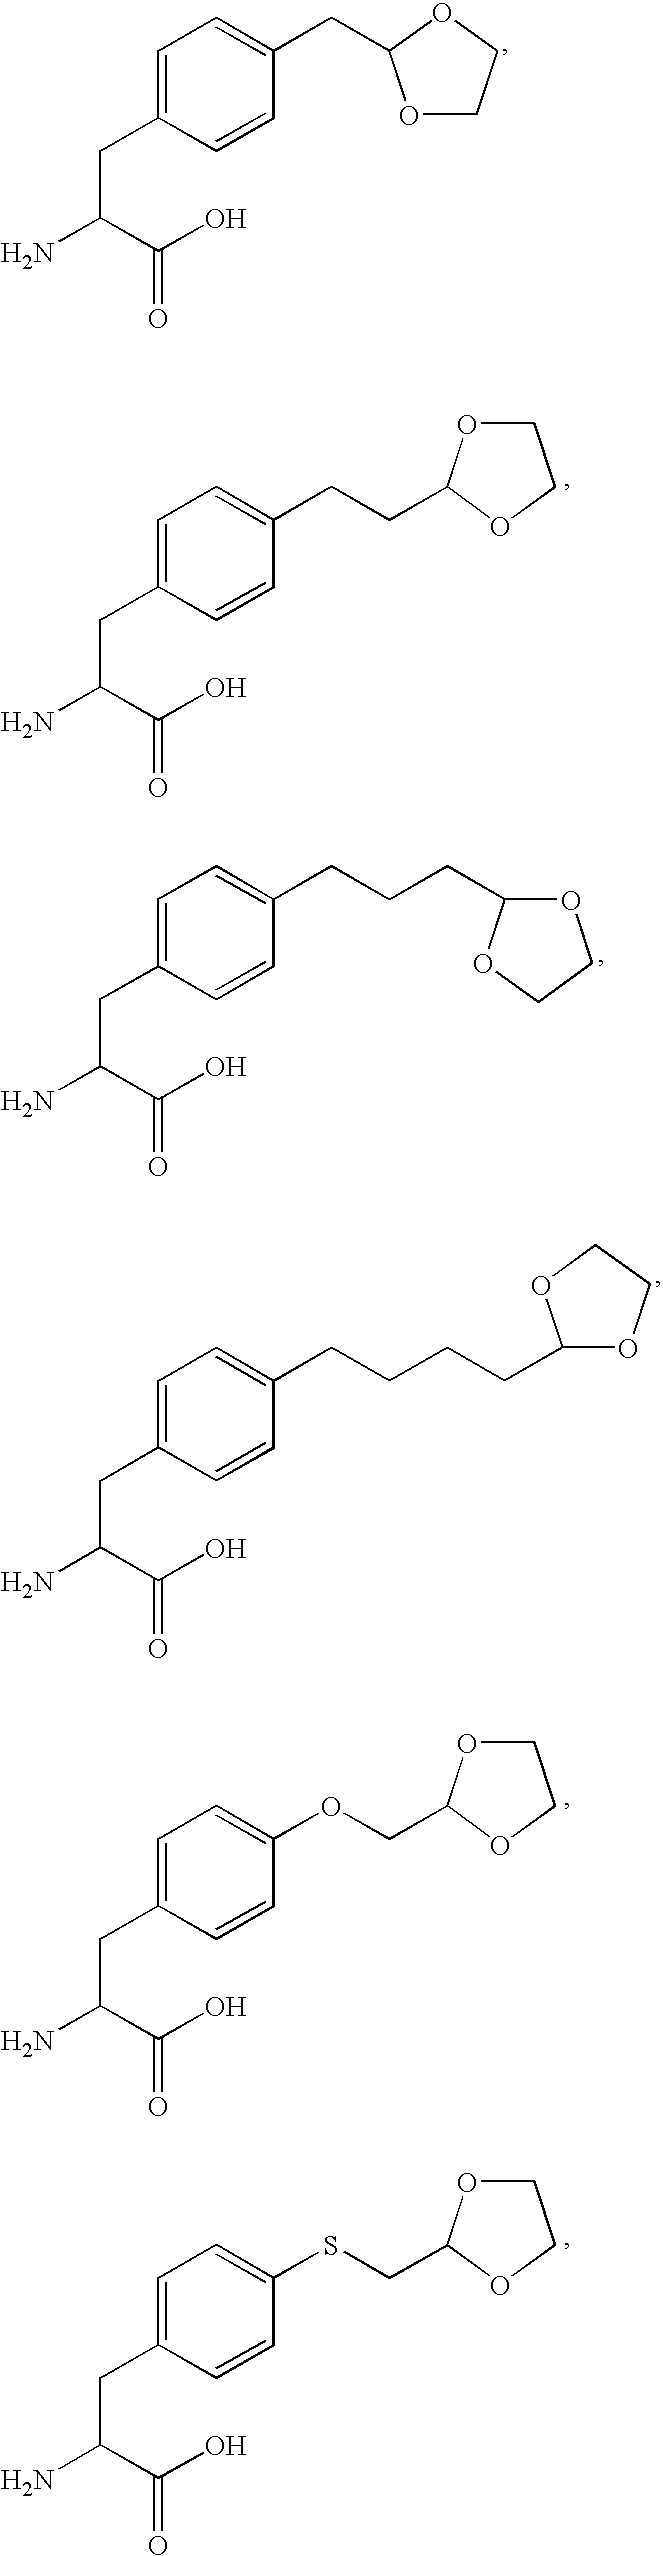 Figure US08618257-20131231-C00018